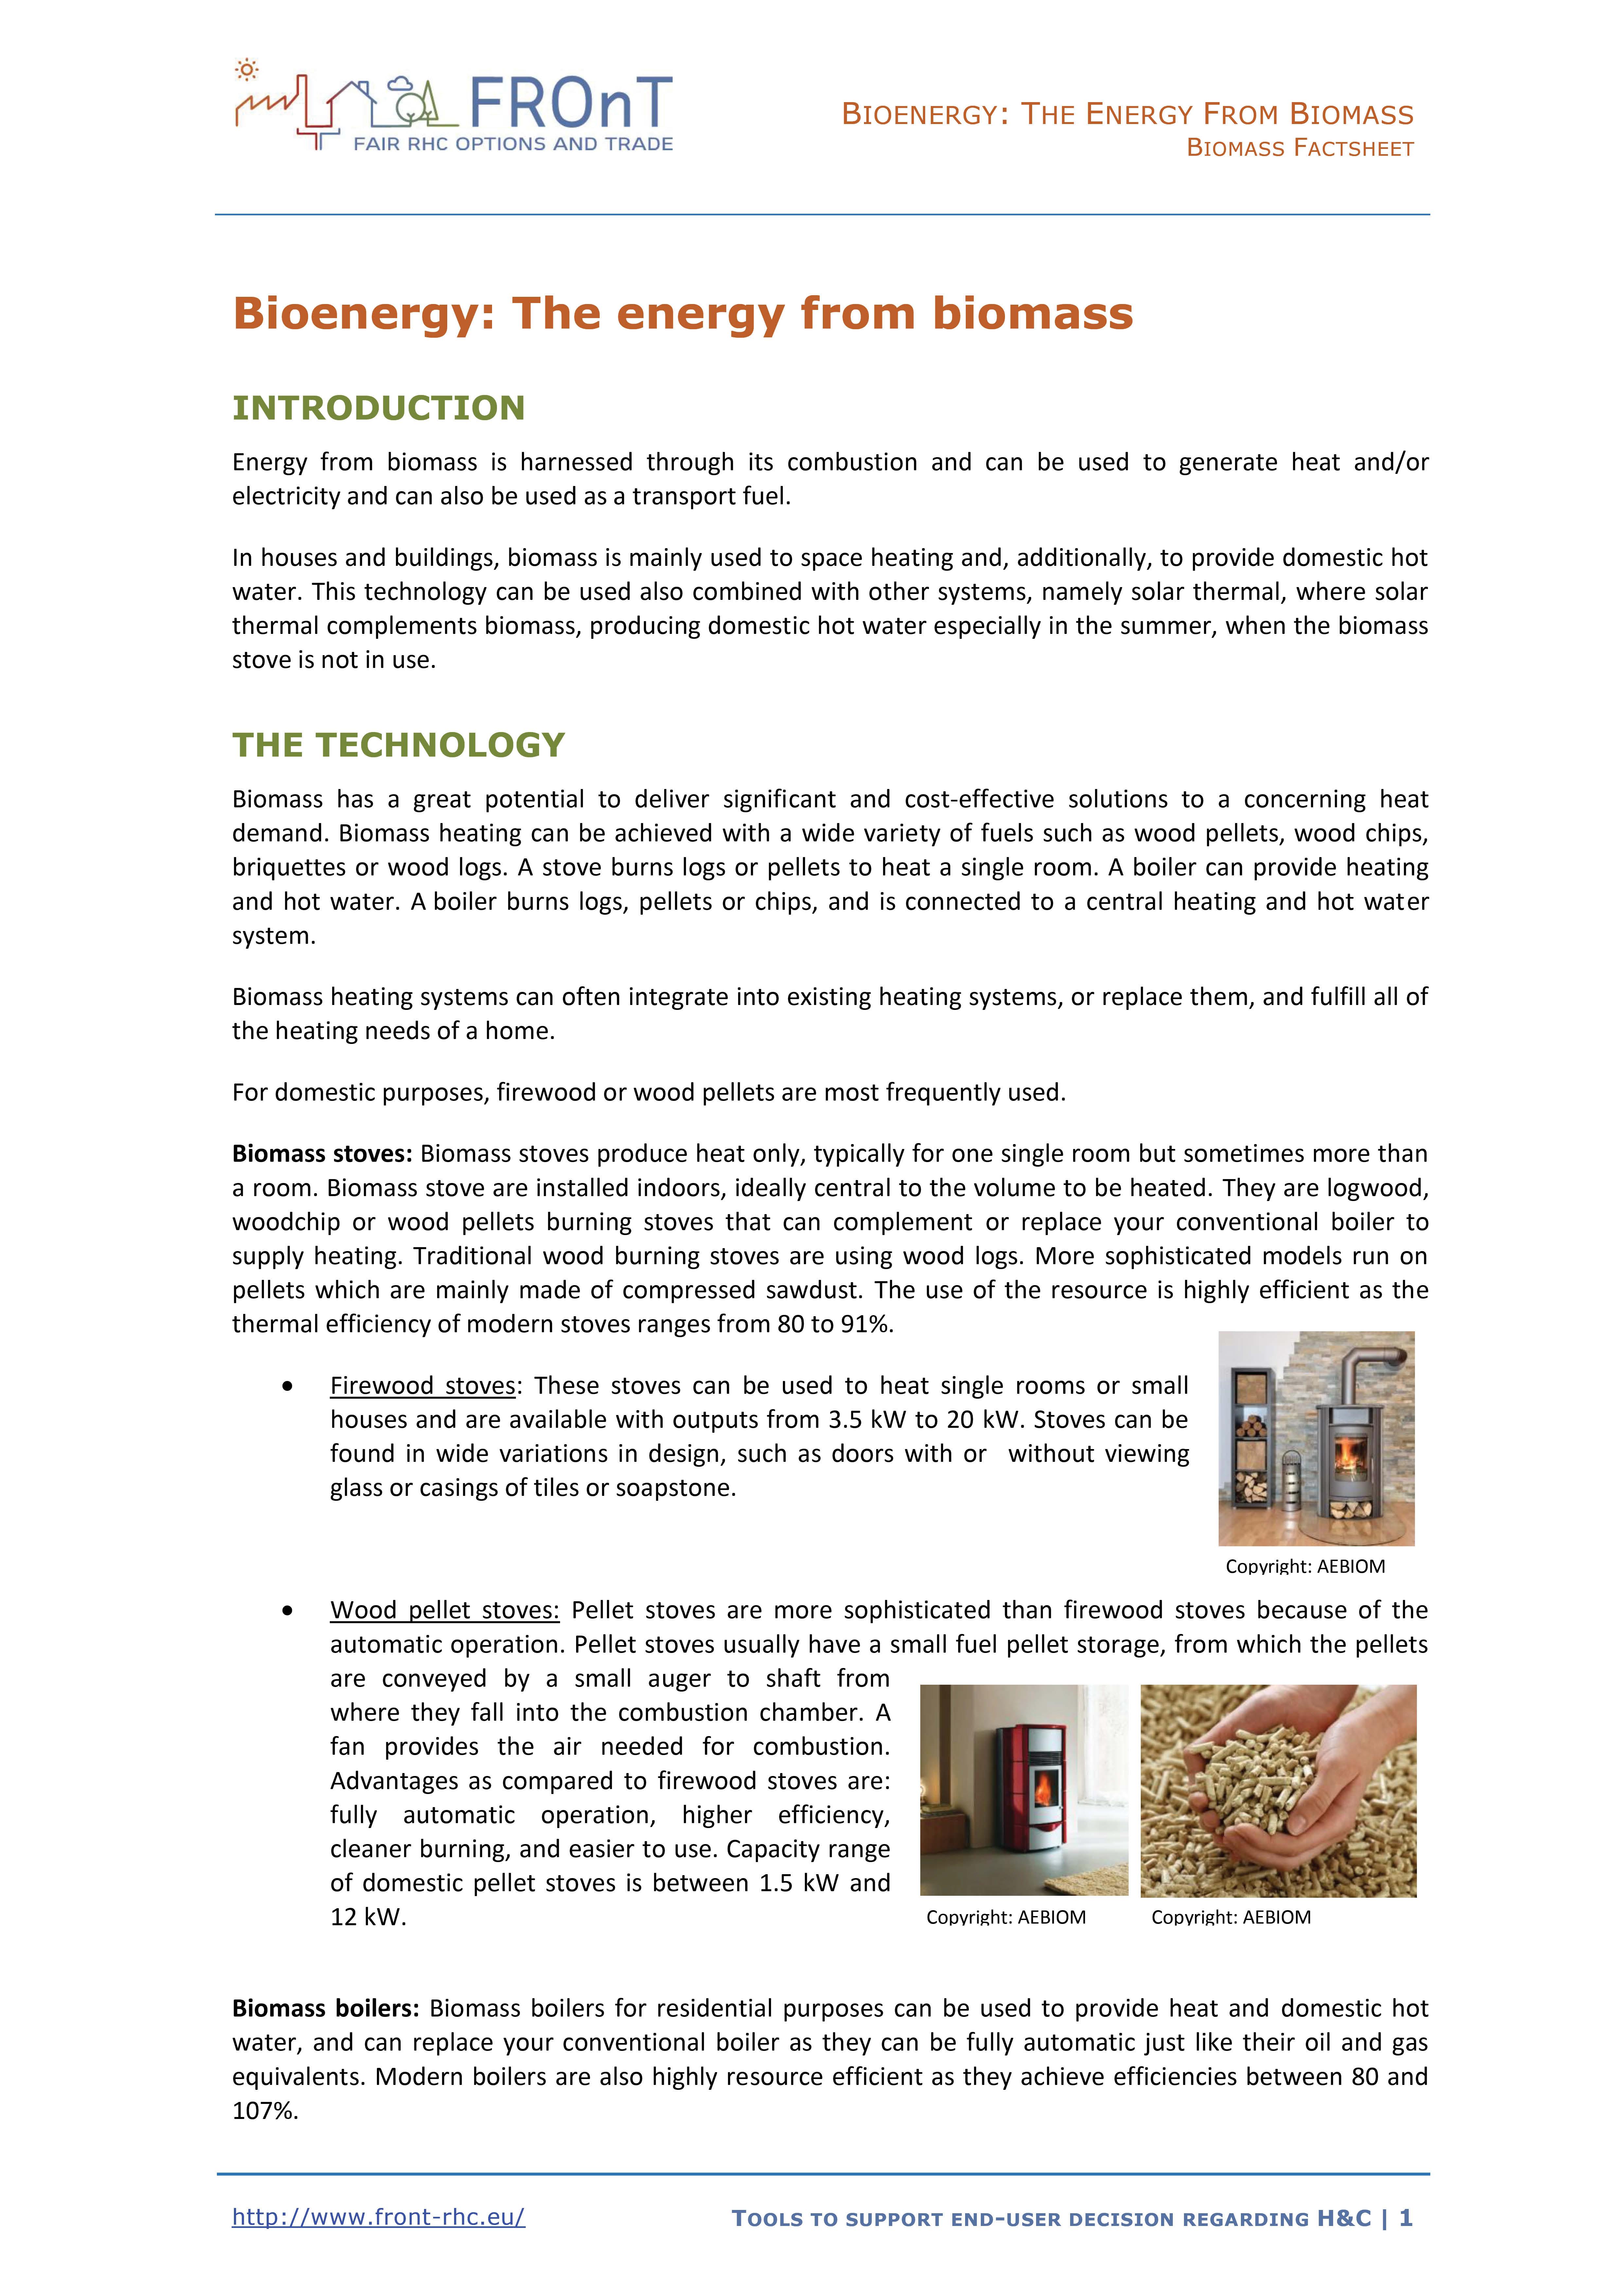 factsheet-image-biomas